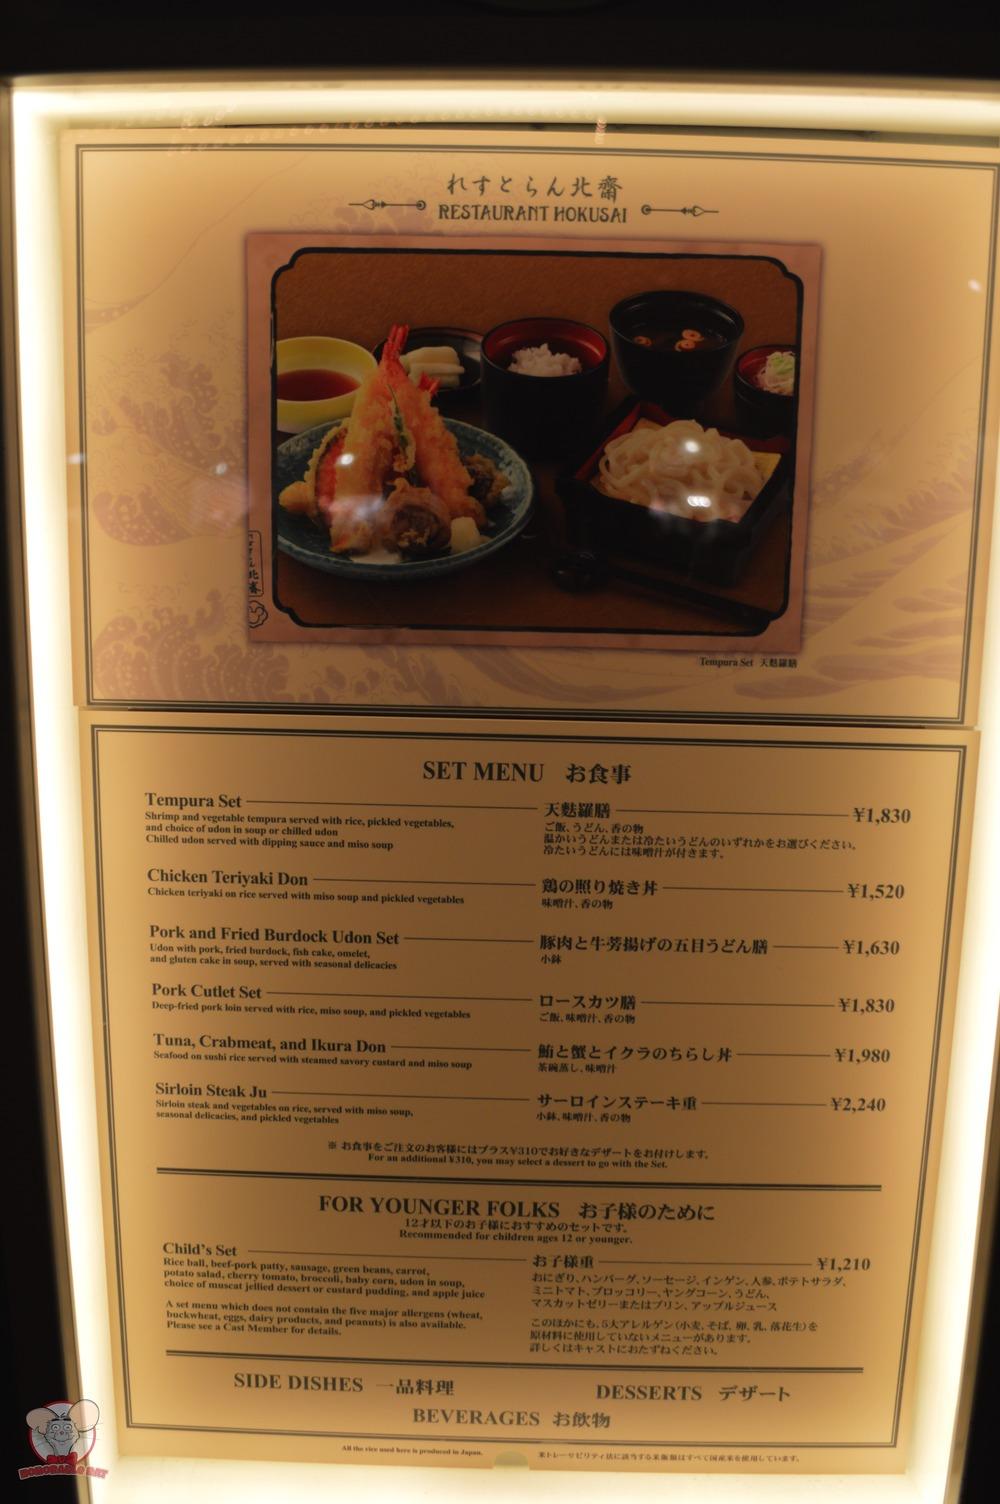 Restaurant Hokusai Menu